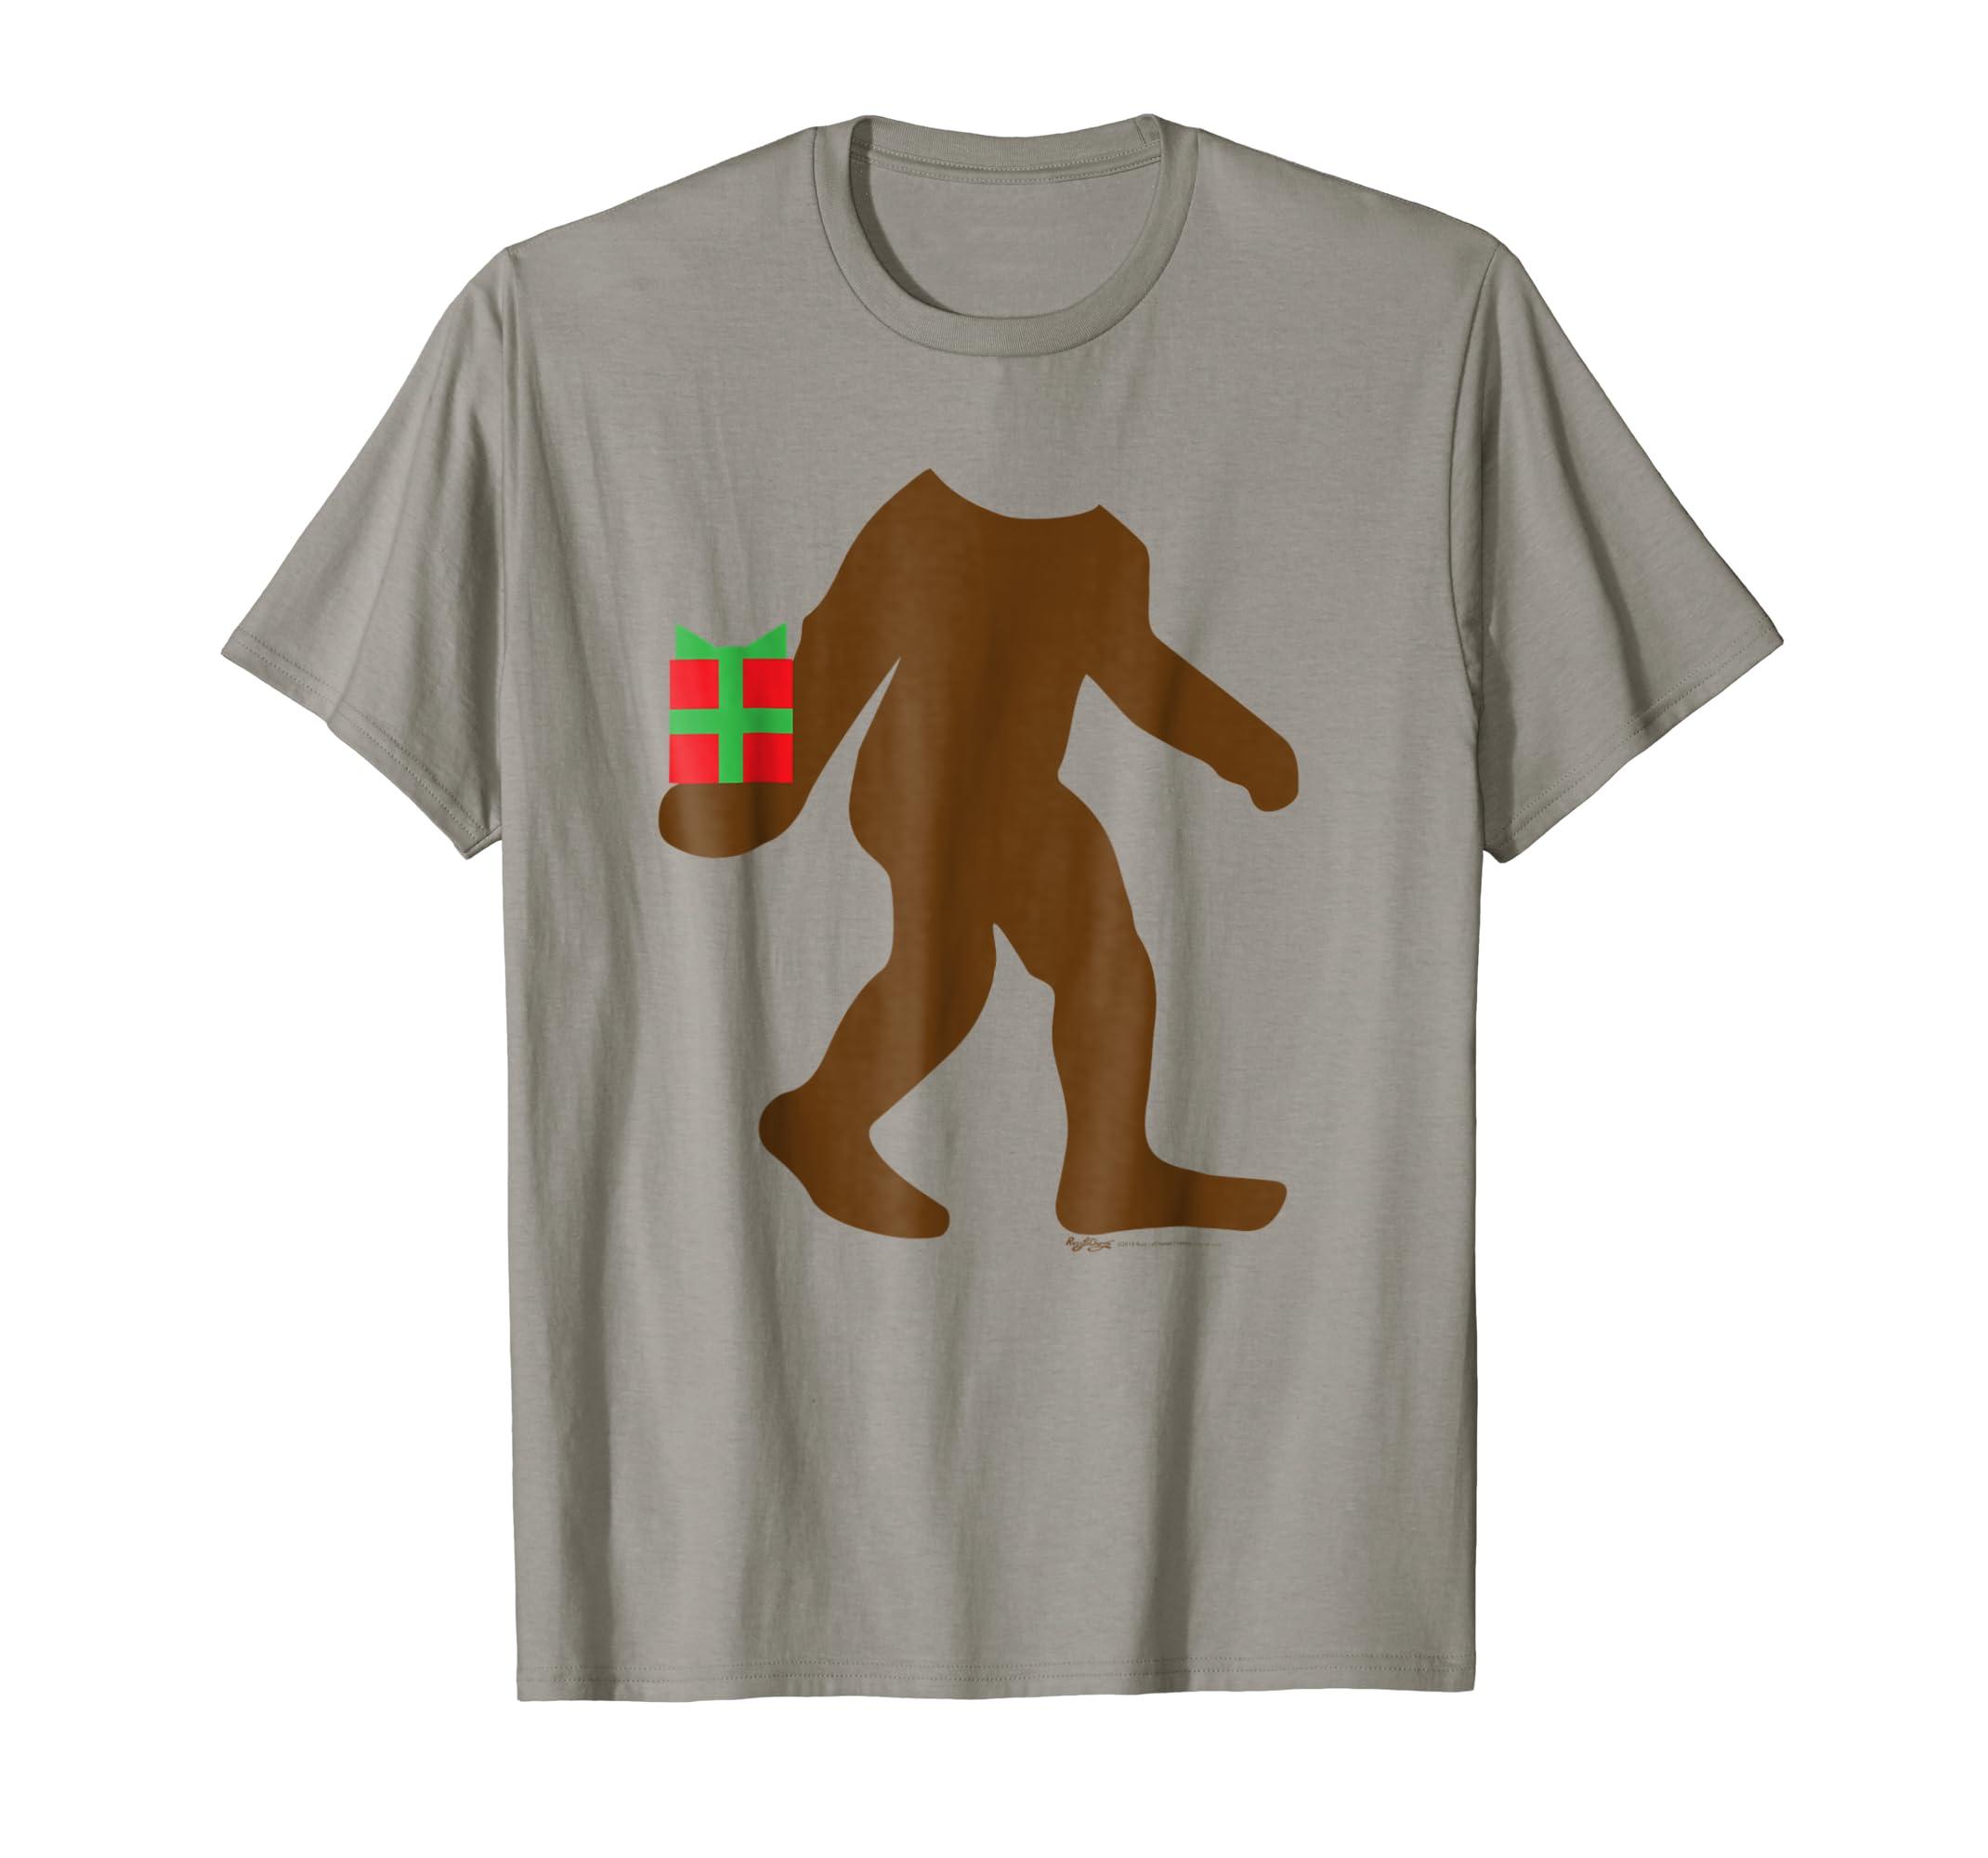 Bigfoot Sasquatch Yeti Believe Christmas Costume T-Shirt-SFL